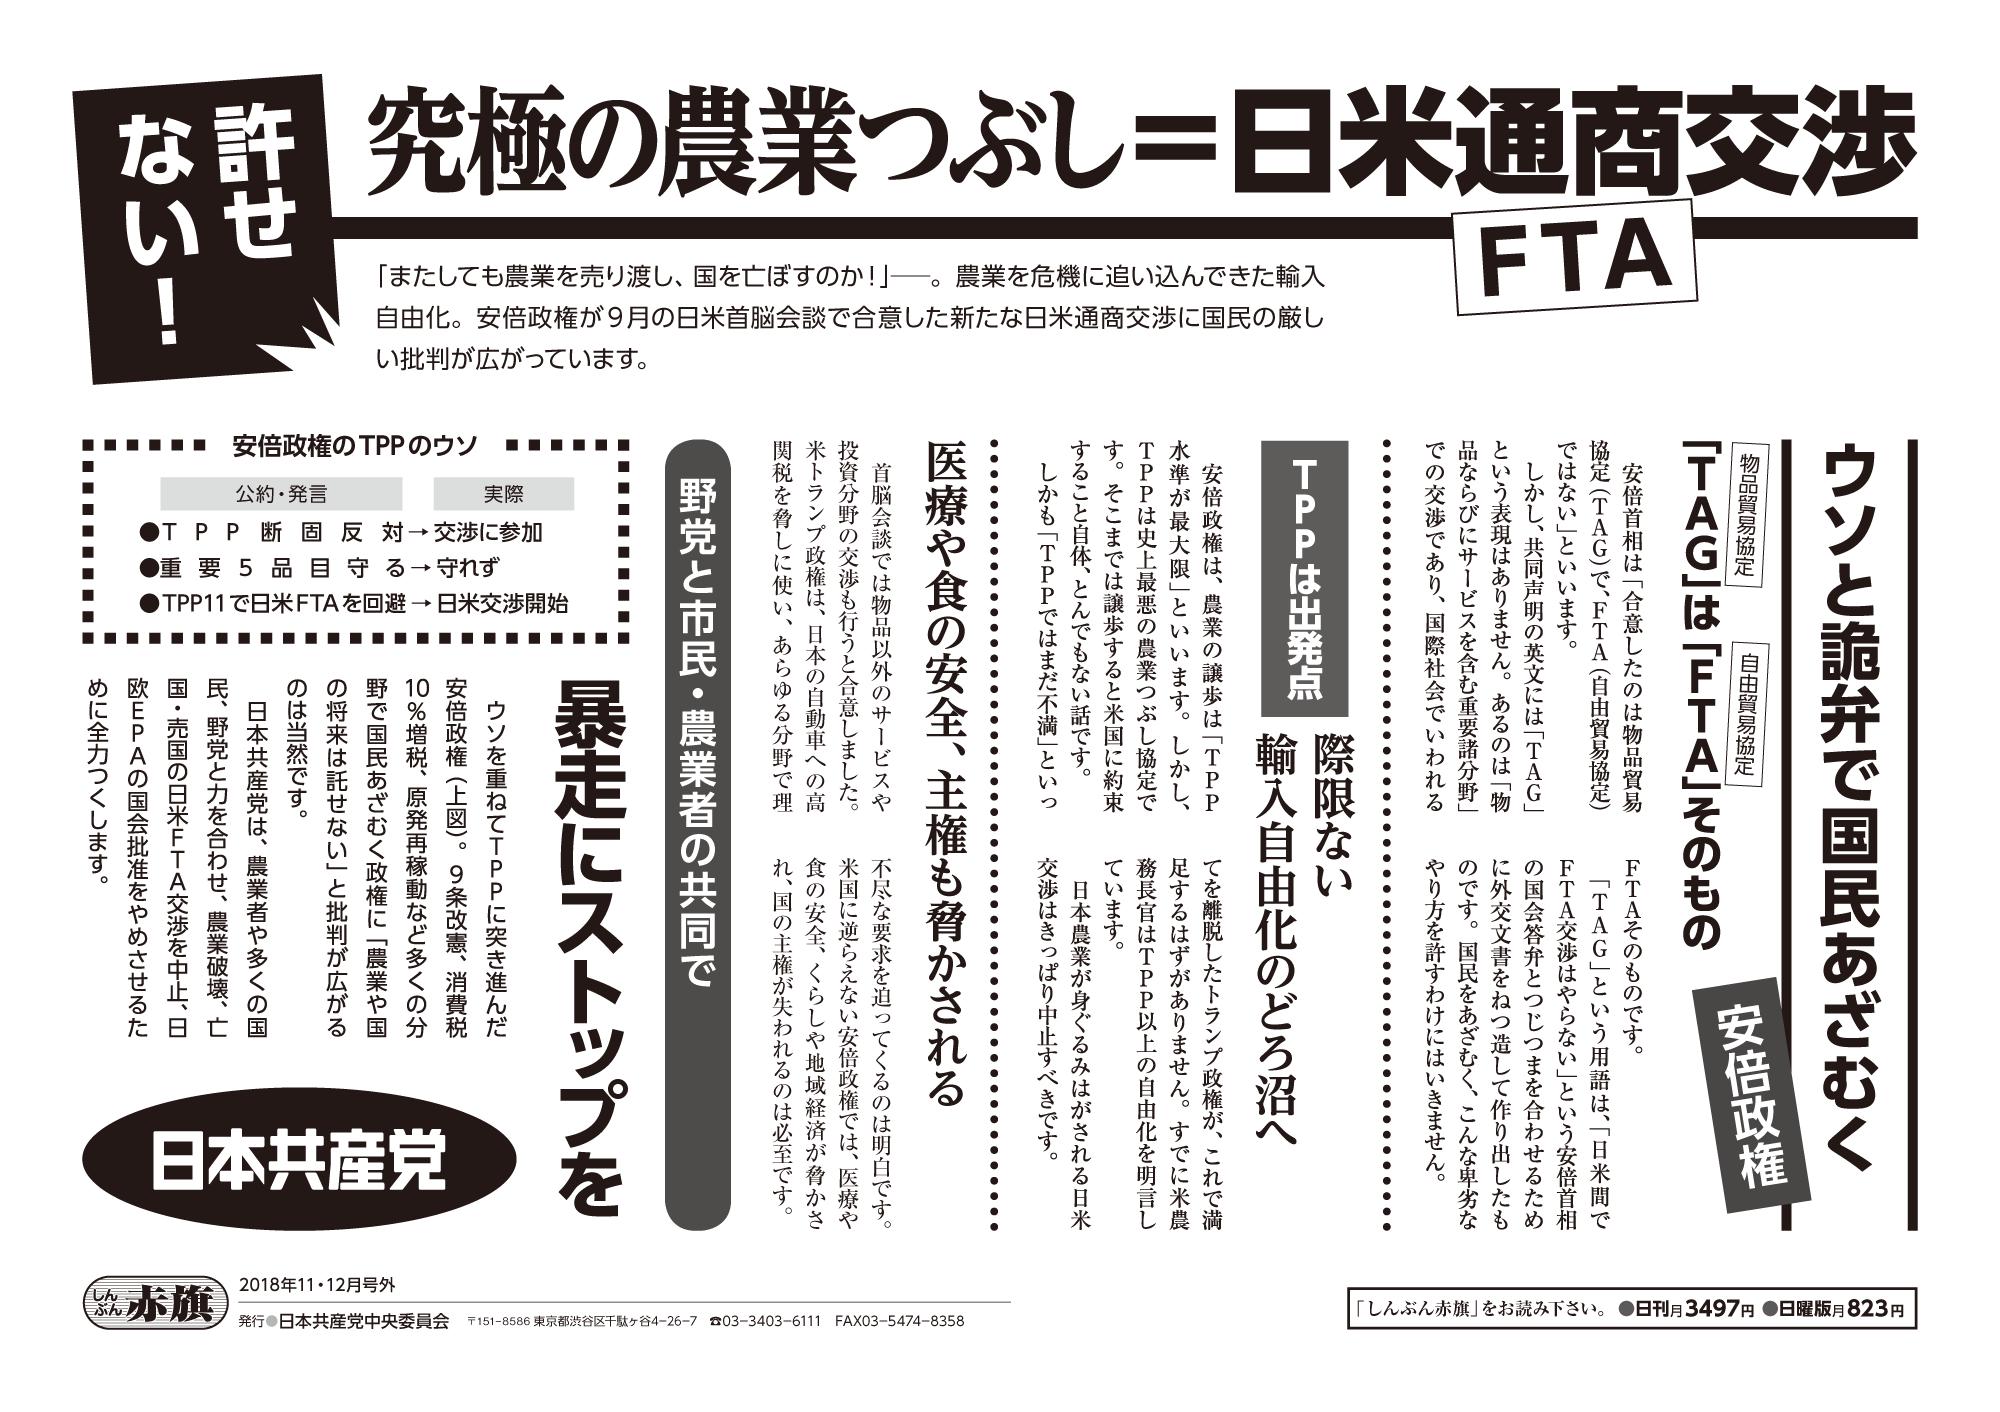 【チラシ】許せない!究極の農業つぶし=日米通商交渉(FTA)